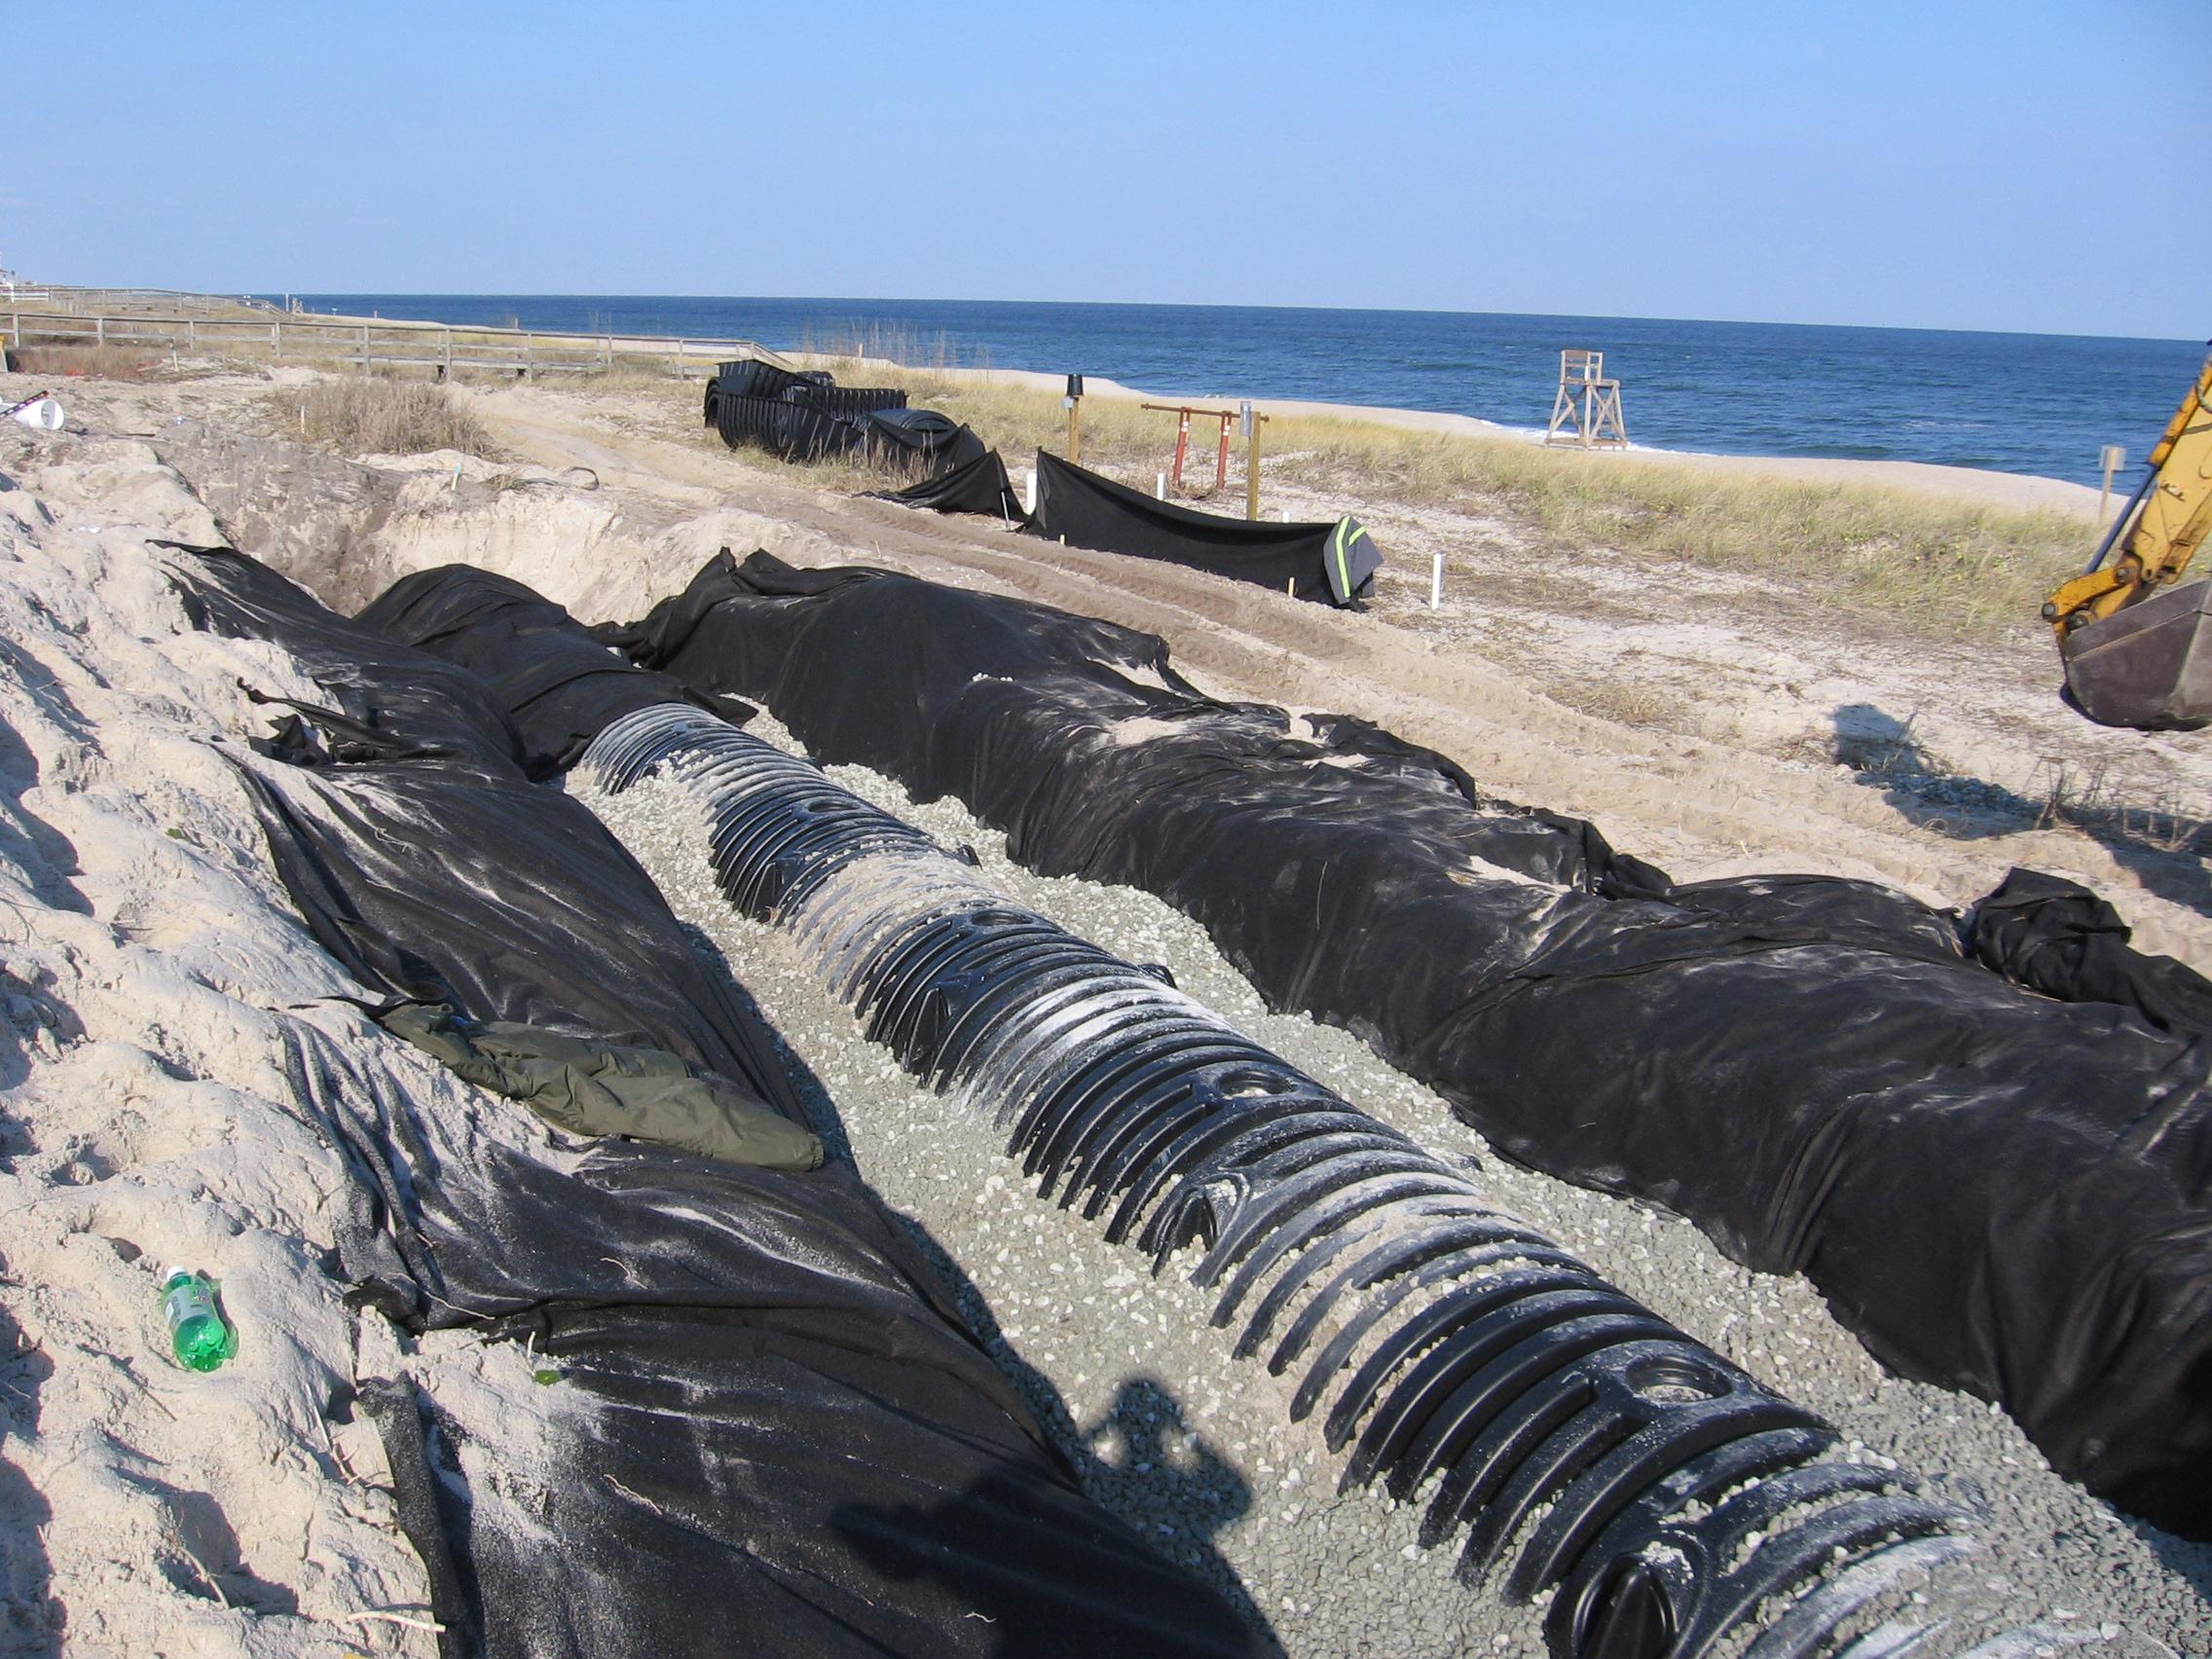 North Carolina State University Publishes Study On Dune